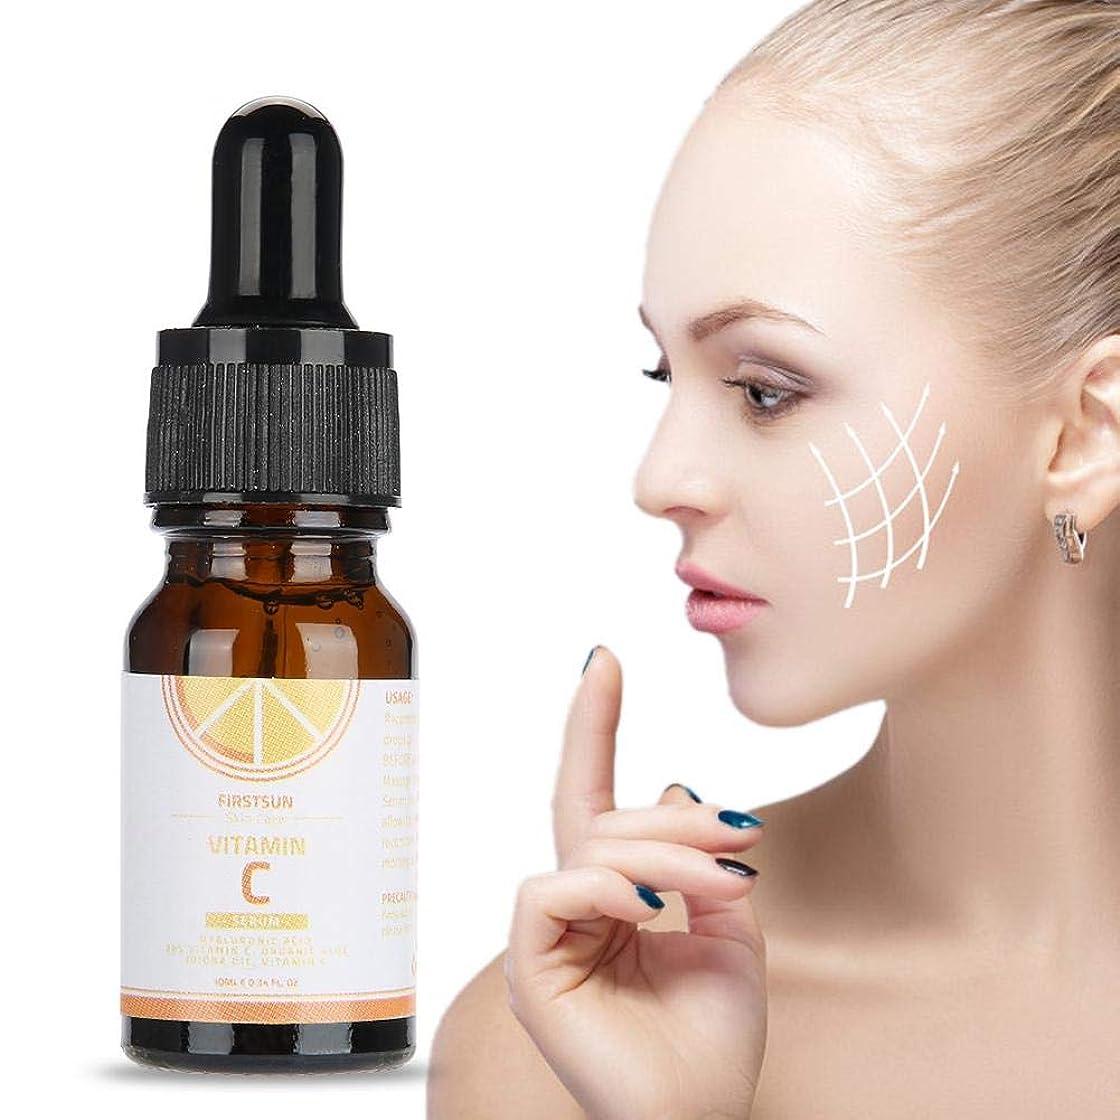 ペニー乱雑な冗長10mlビタミンCセラム、ヒアルロン酸補水保湿 縮小毛穴 ヒアルロン酸クリーム 肌の明るさと肌への潤い フェイススキンケア製品